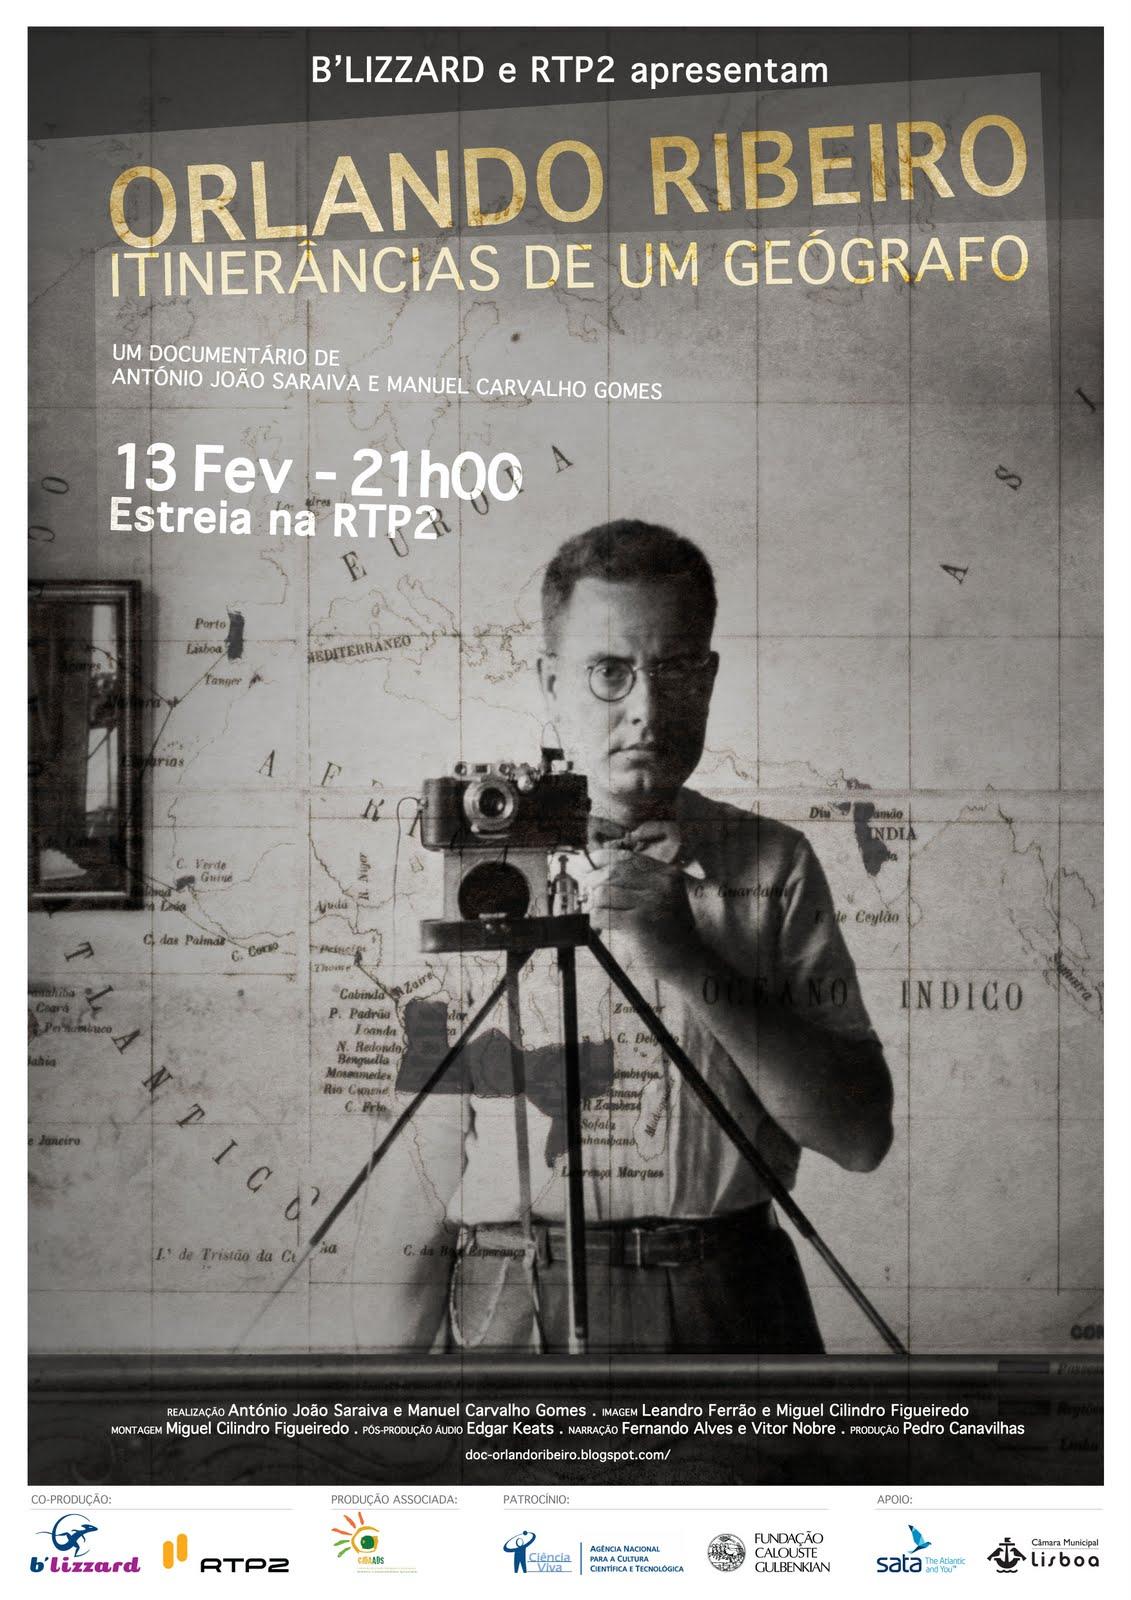 Orlando Ribeiro: Itinerâncias de um geógrafo (documentário)